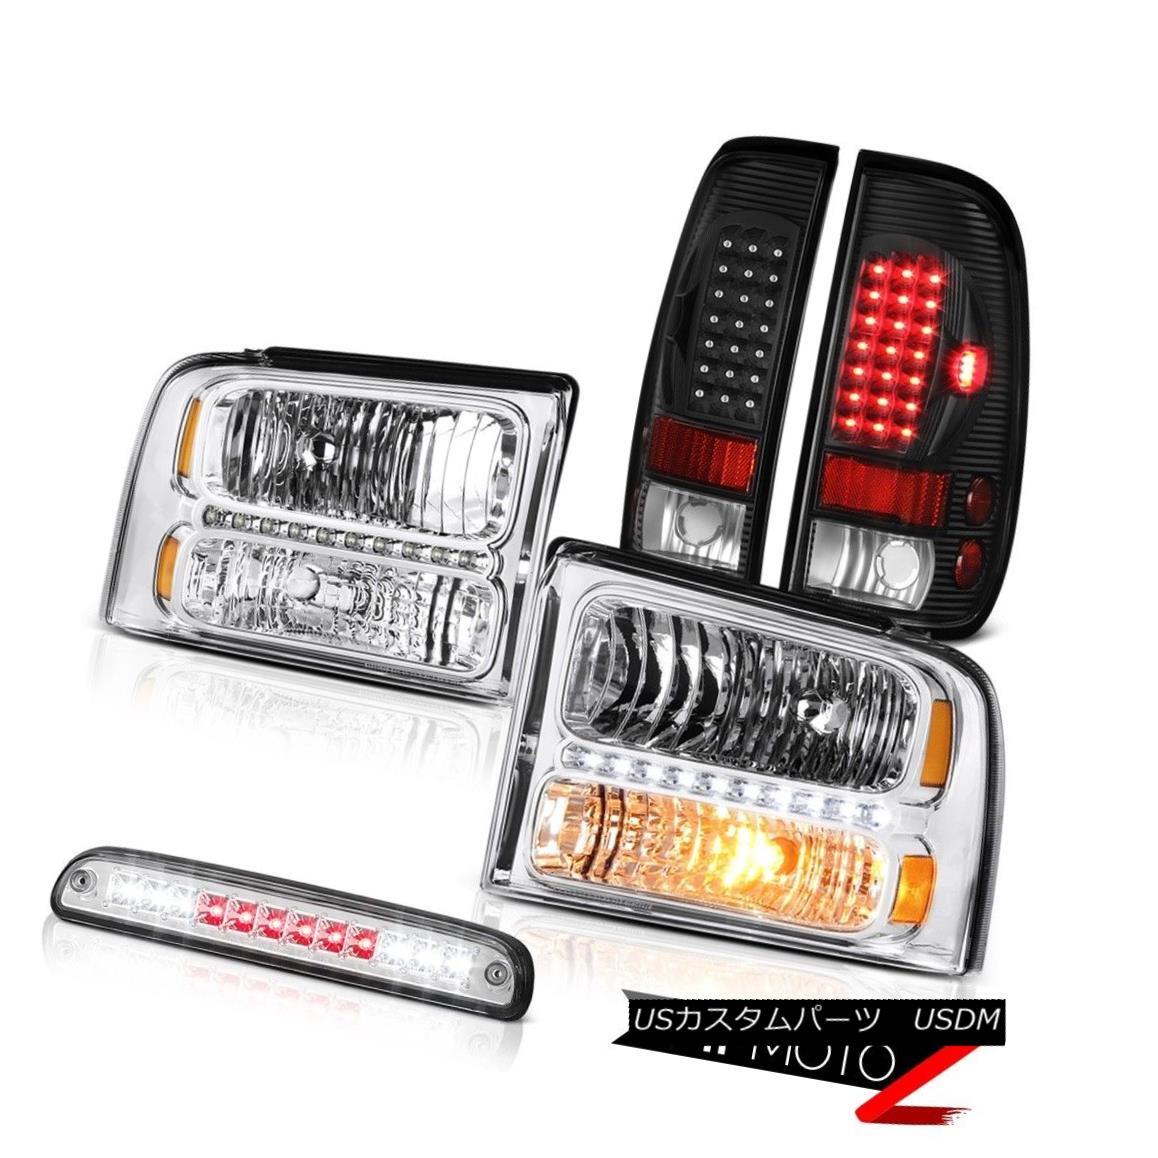 ヘッドライト 05-07 F350 Lariat Euro Chrome Headlights Signal Brake Tail Lights High Stop LED 05-07 F350 Lariat Euroクロームヘッドライト信号ブレーキテールライトハイストップLED